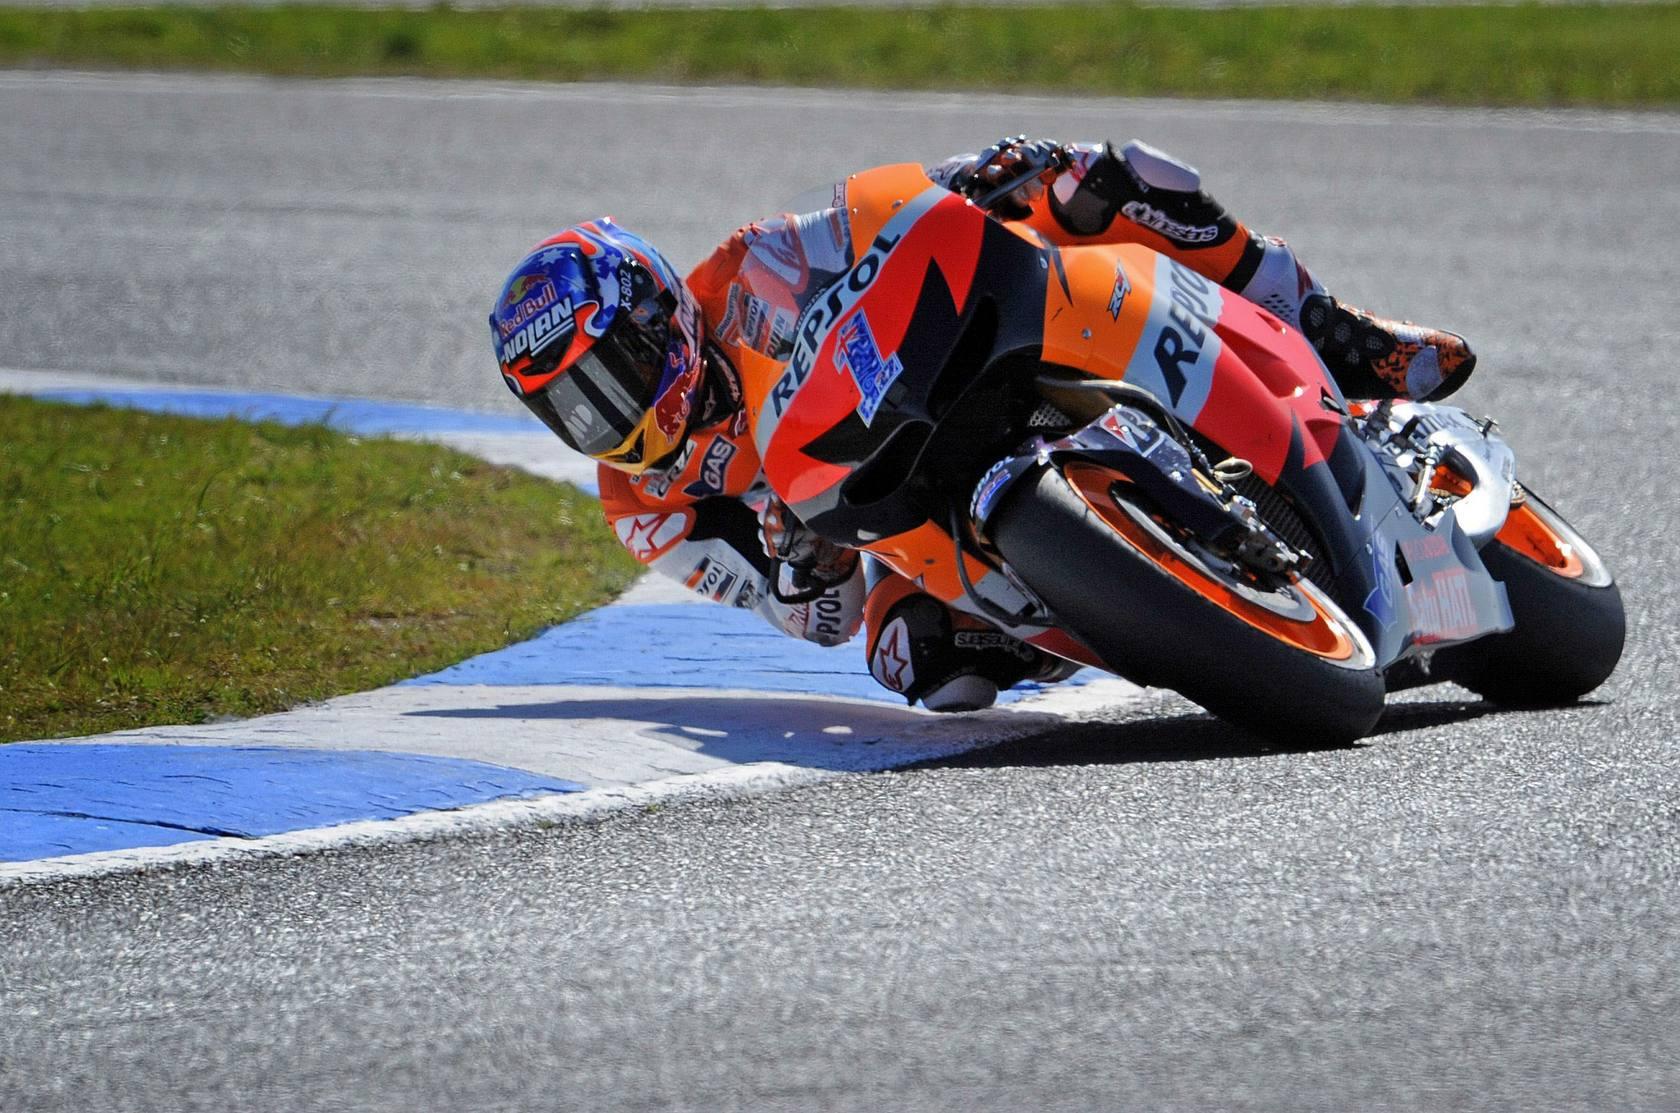 Las mejores imágenes del GP de Australia de motociclismo